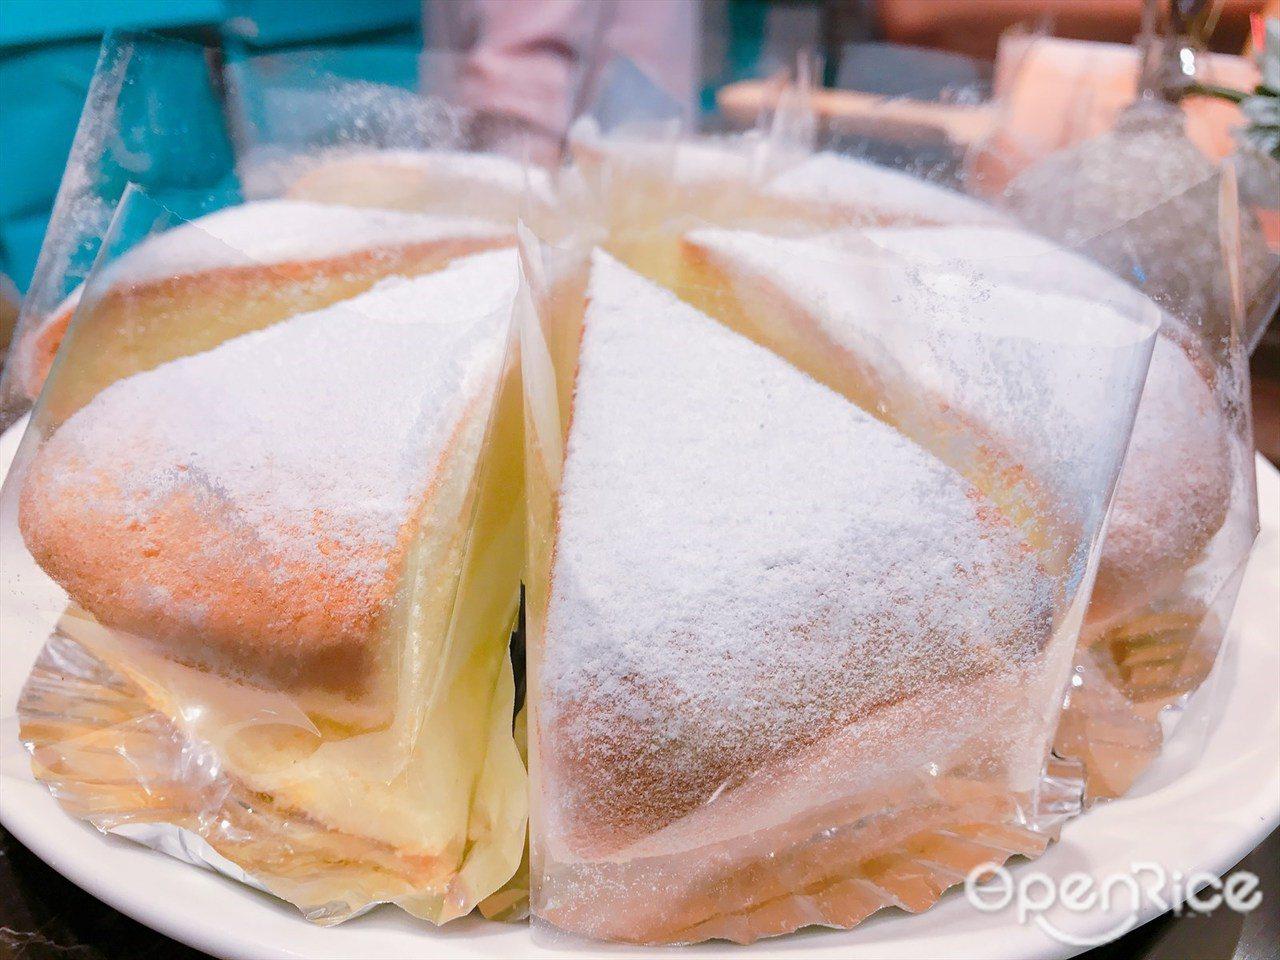 ▲大江店限定商品日本純生鮮奶油波士頓派